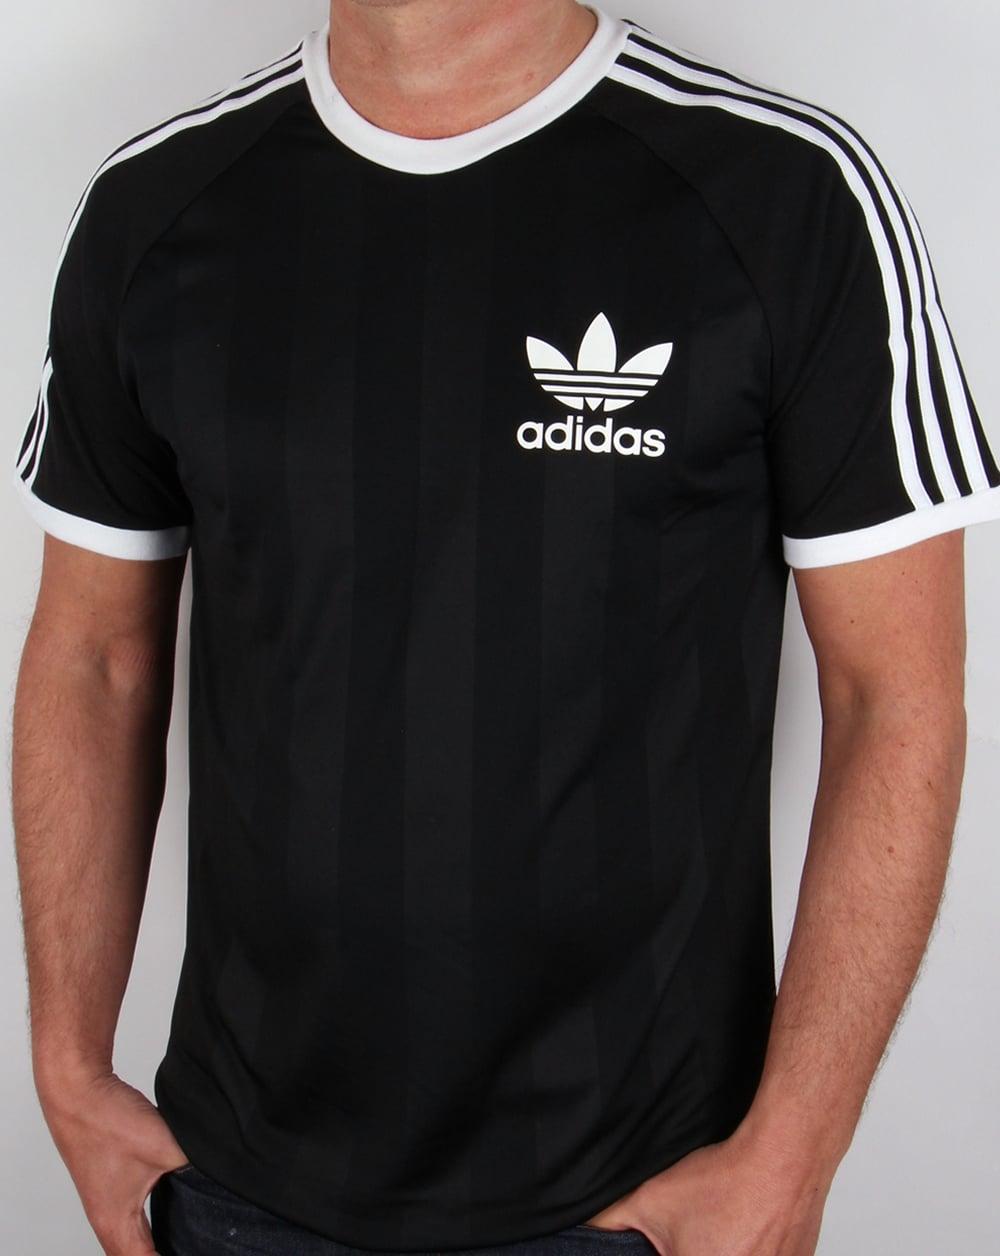 adidas 3 stripe original t shirt